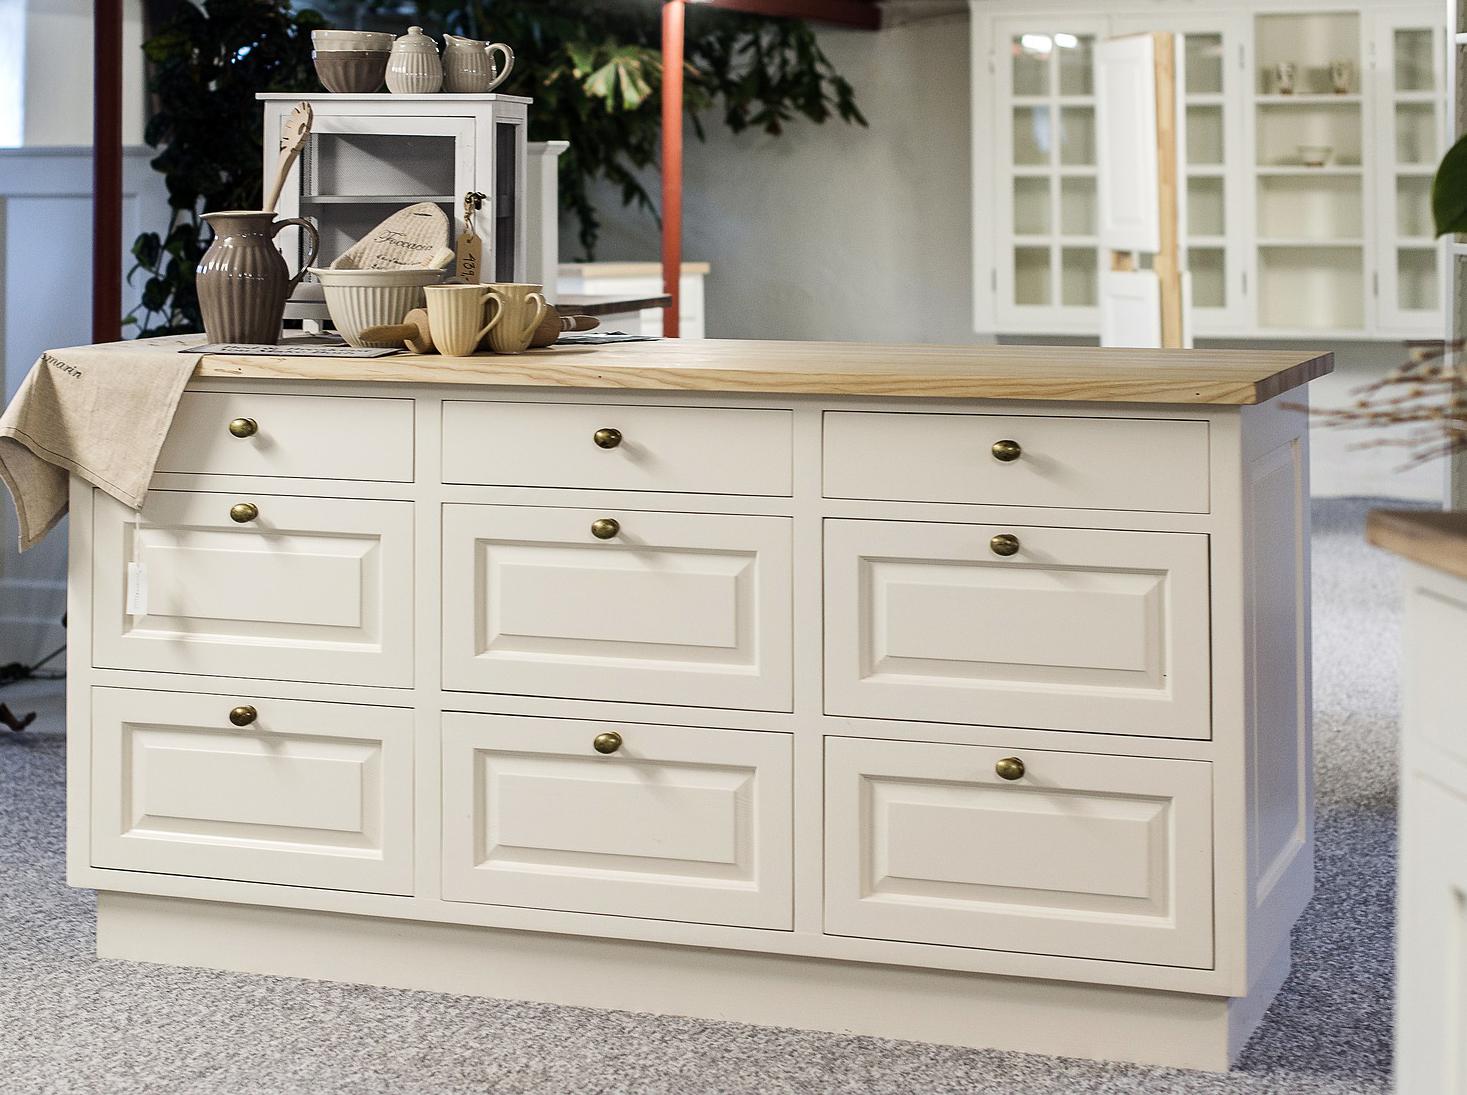 tiroir de cuisine meuble moderne plan de travail